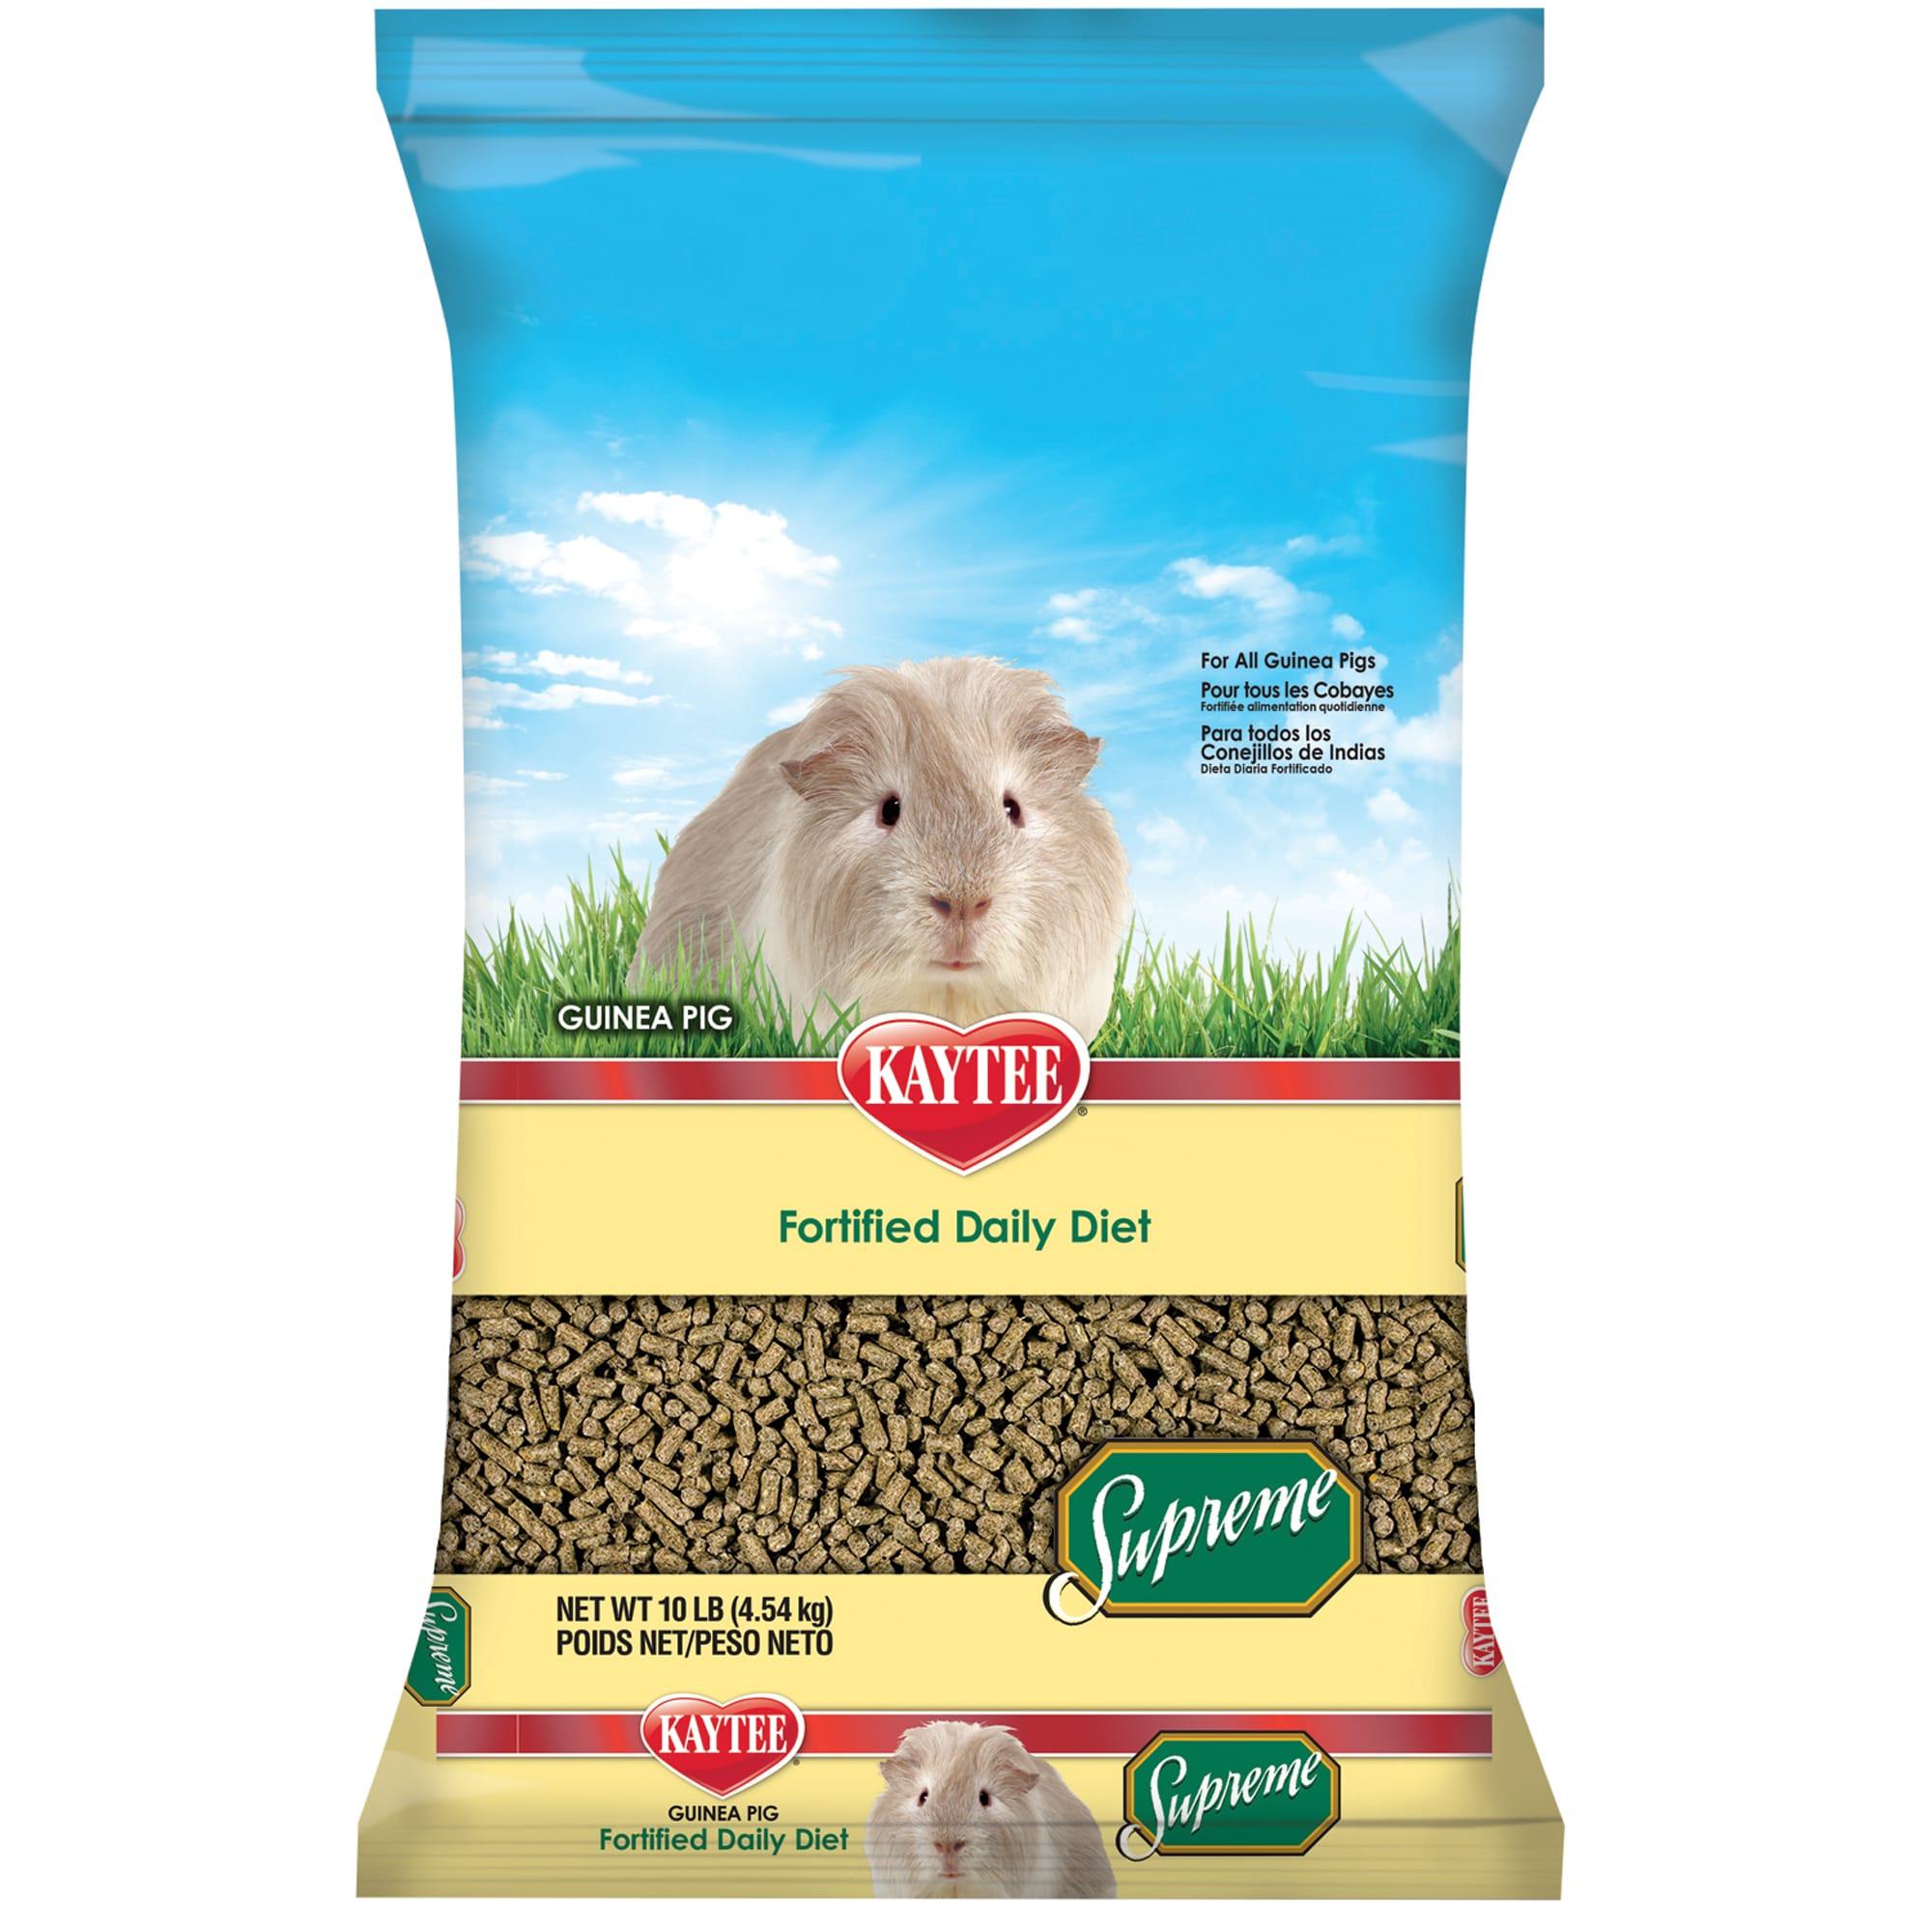 kaytee supreme diet guinea pig food ingredients